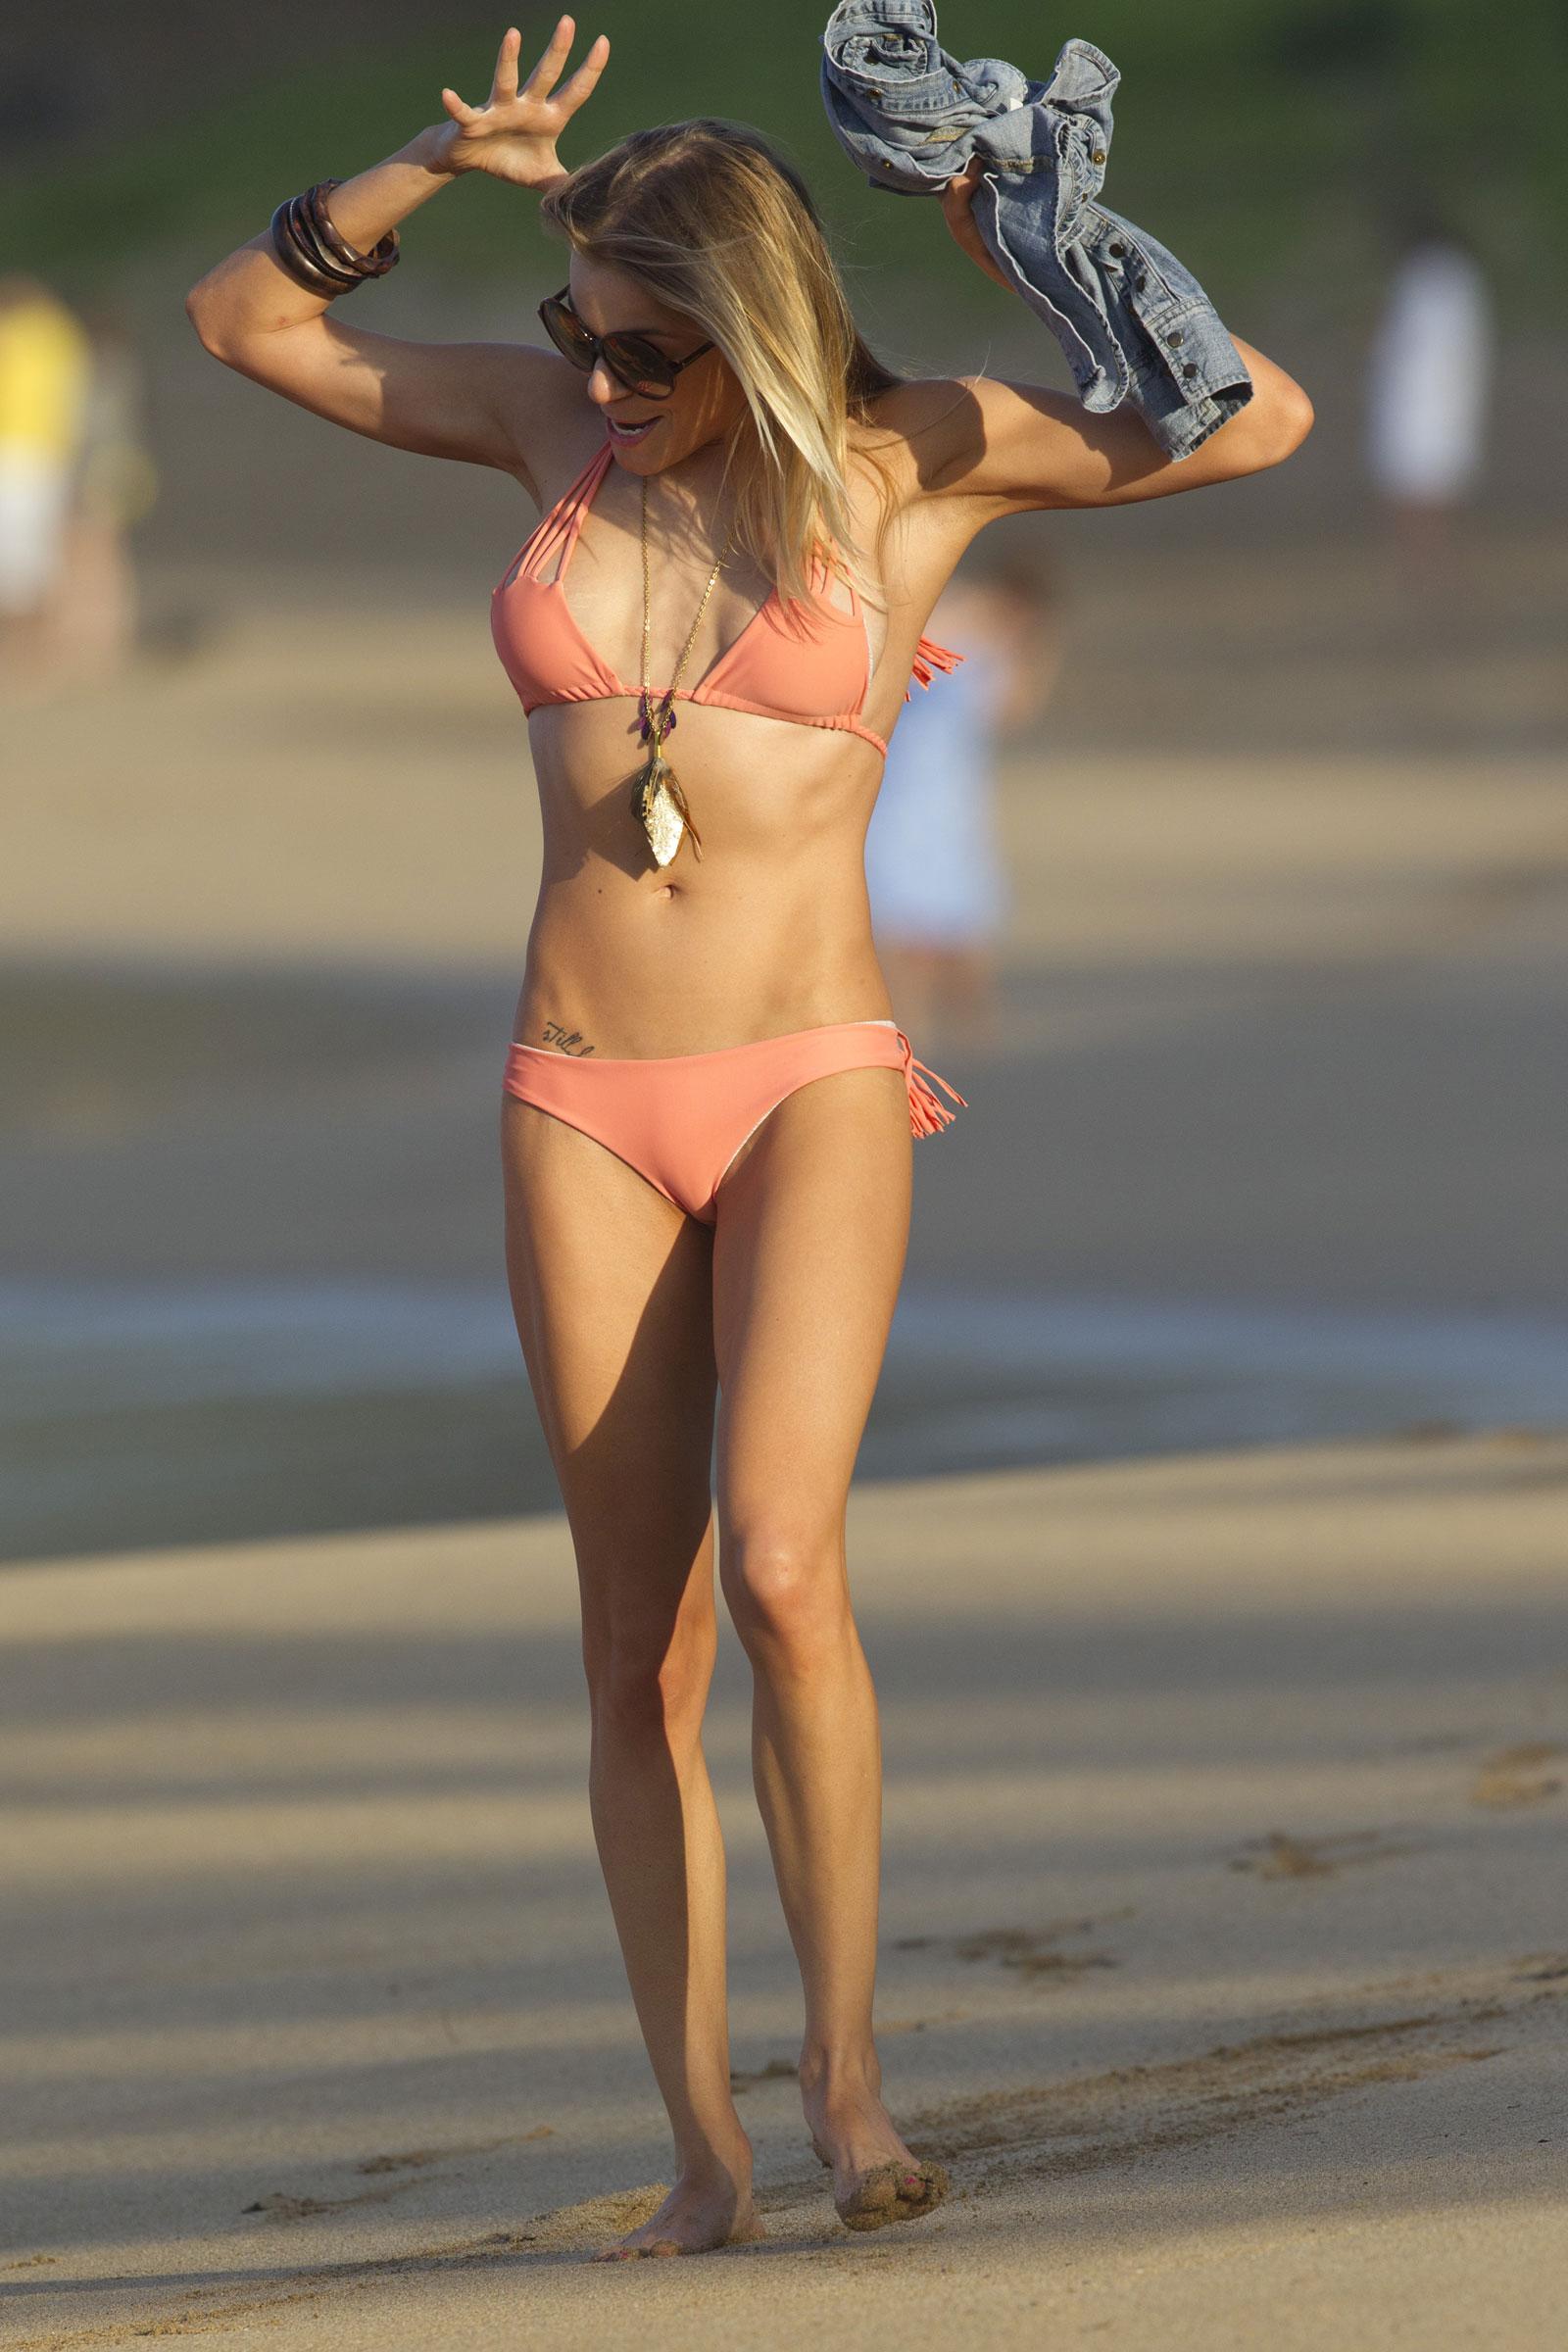 leann-barwick-bikini-pictures-venus-williams-exposed-nipples